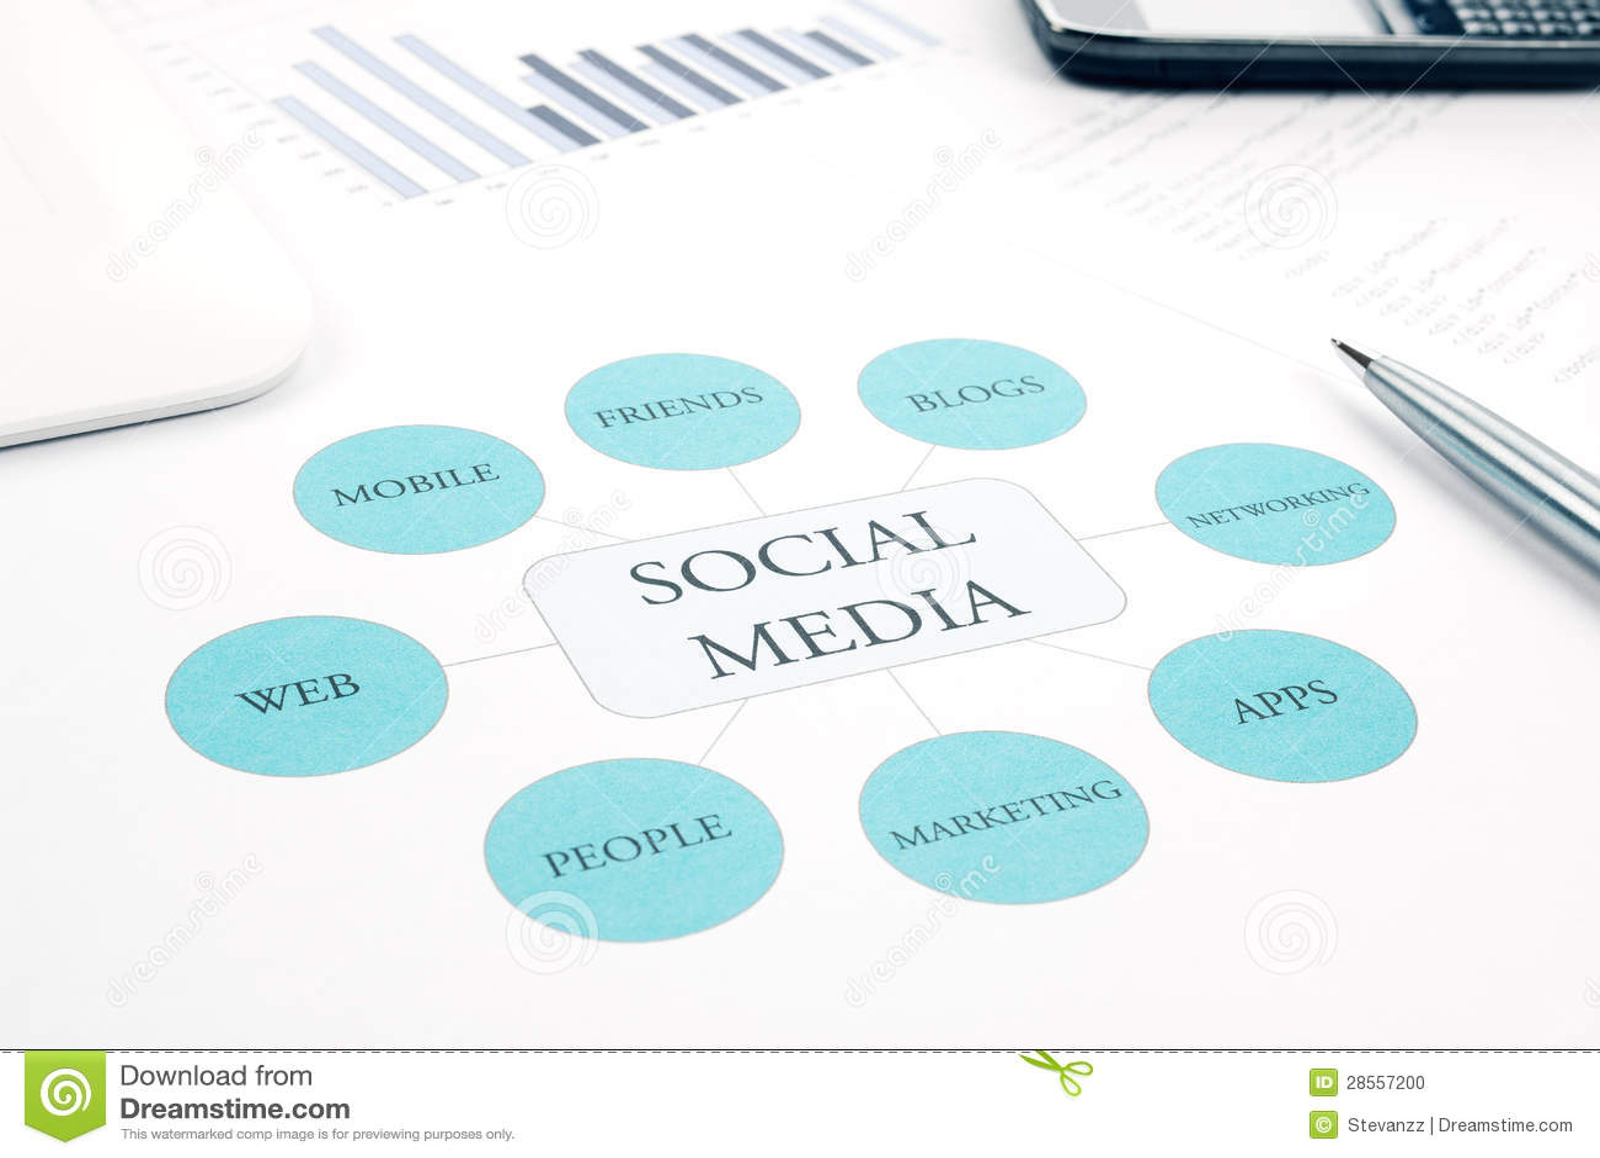 Ogólnospołecznego Medialnego biznesowego pojęcia spływowa mapa. Pióro, touchpad, smartphone tło